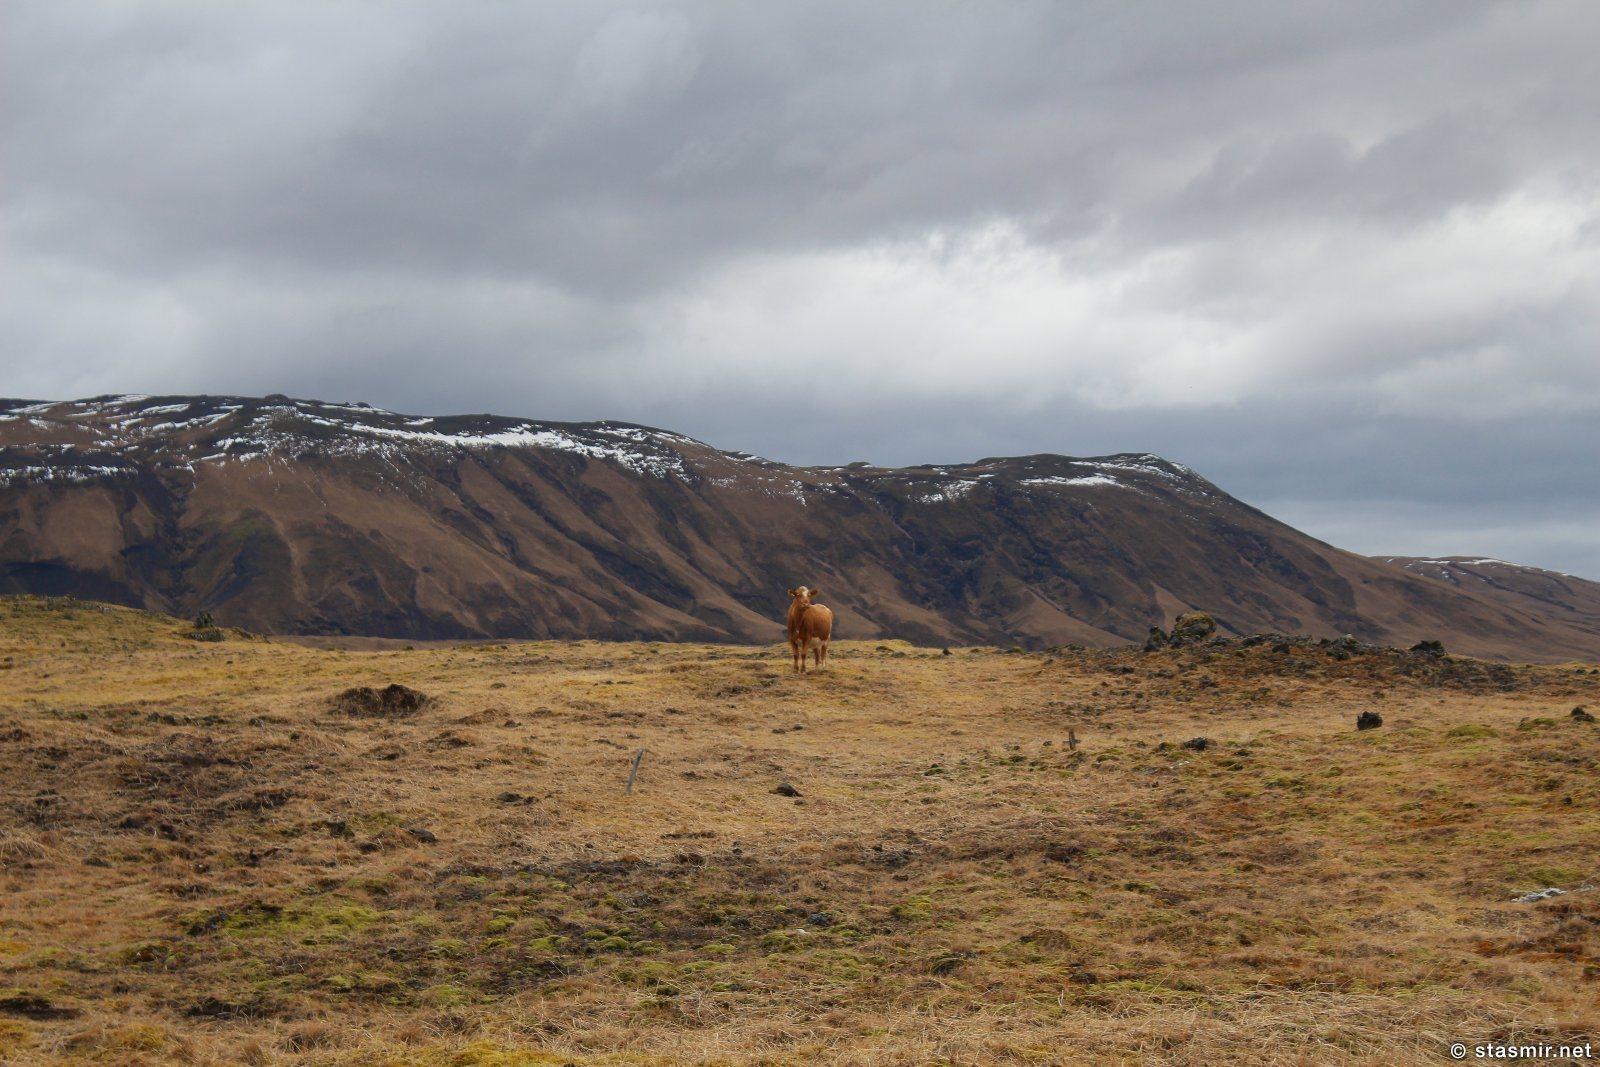 исландсике пейзажи в районе Fljótshlíð, Южная Исландия, фото Стасмир, photo Stasmir